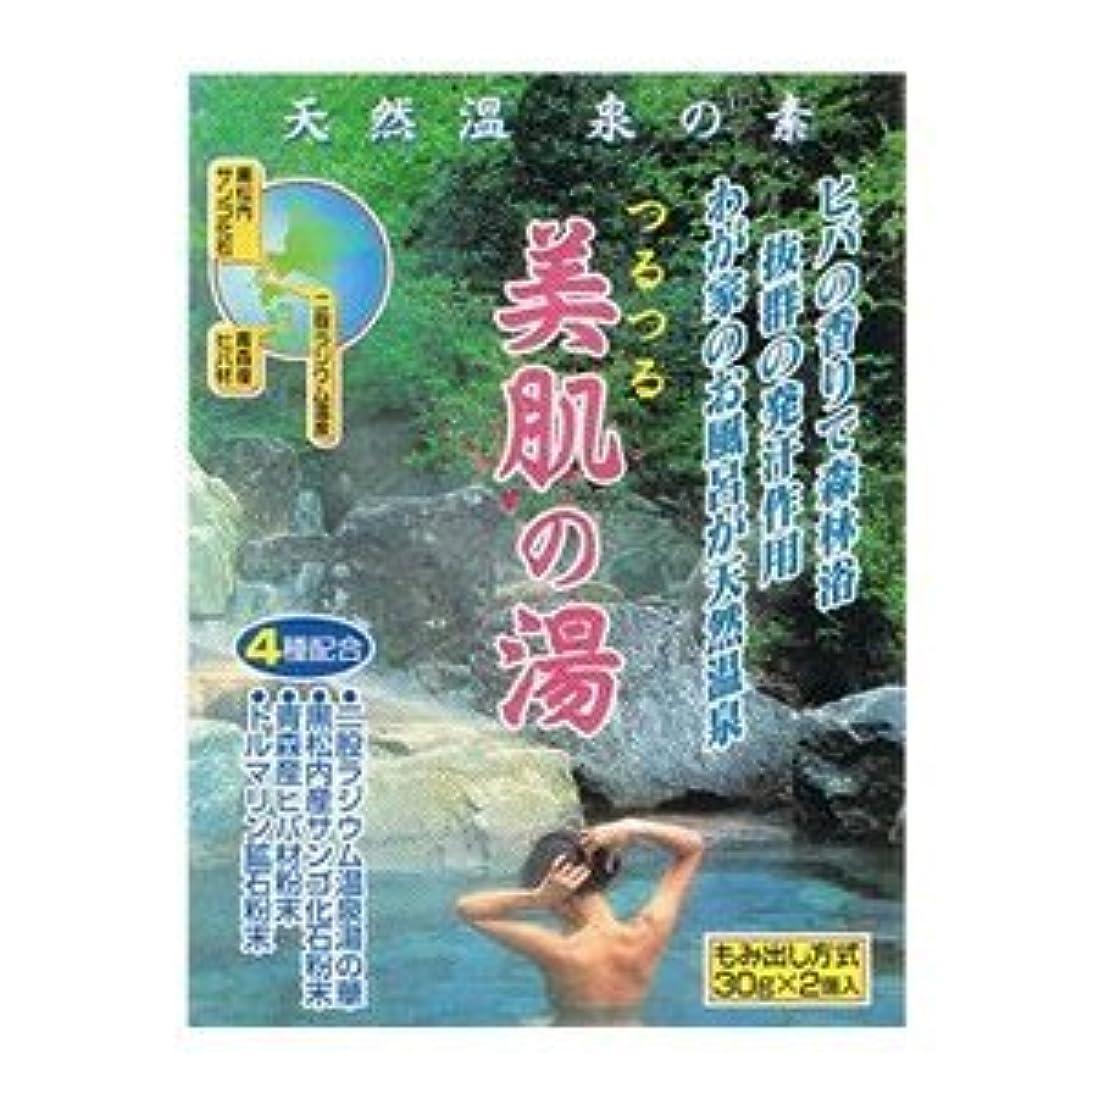 ほめる闘争最高天然温泉の素 美肌の湯 (30g×2個入)×18袋セット